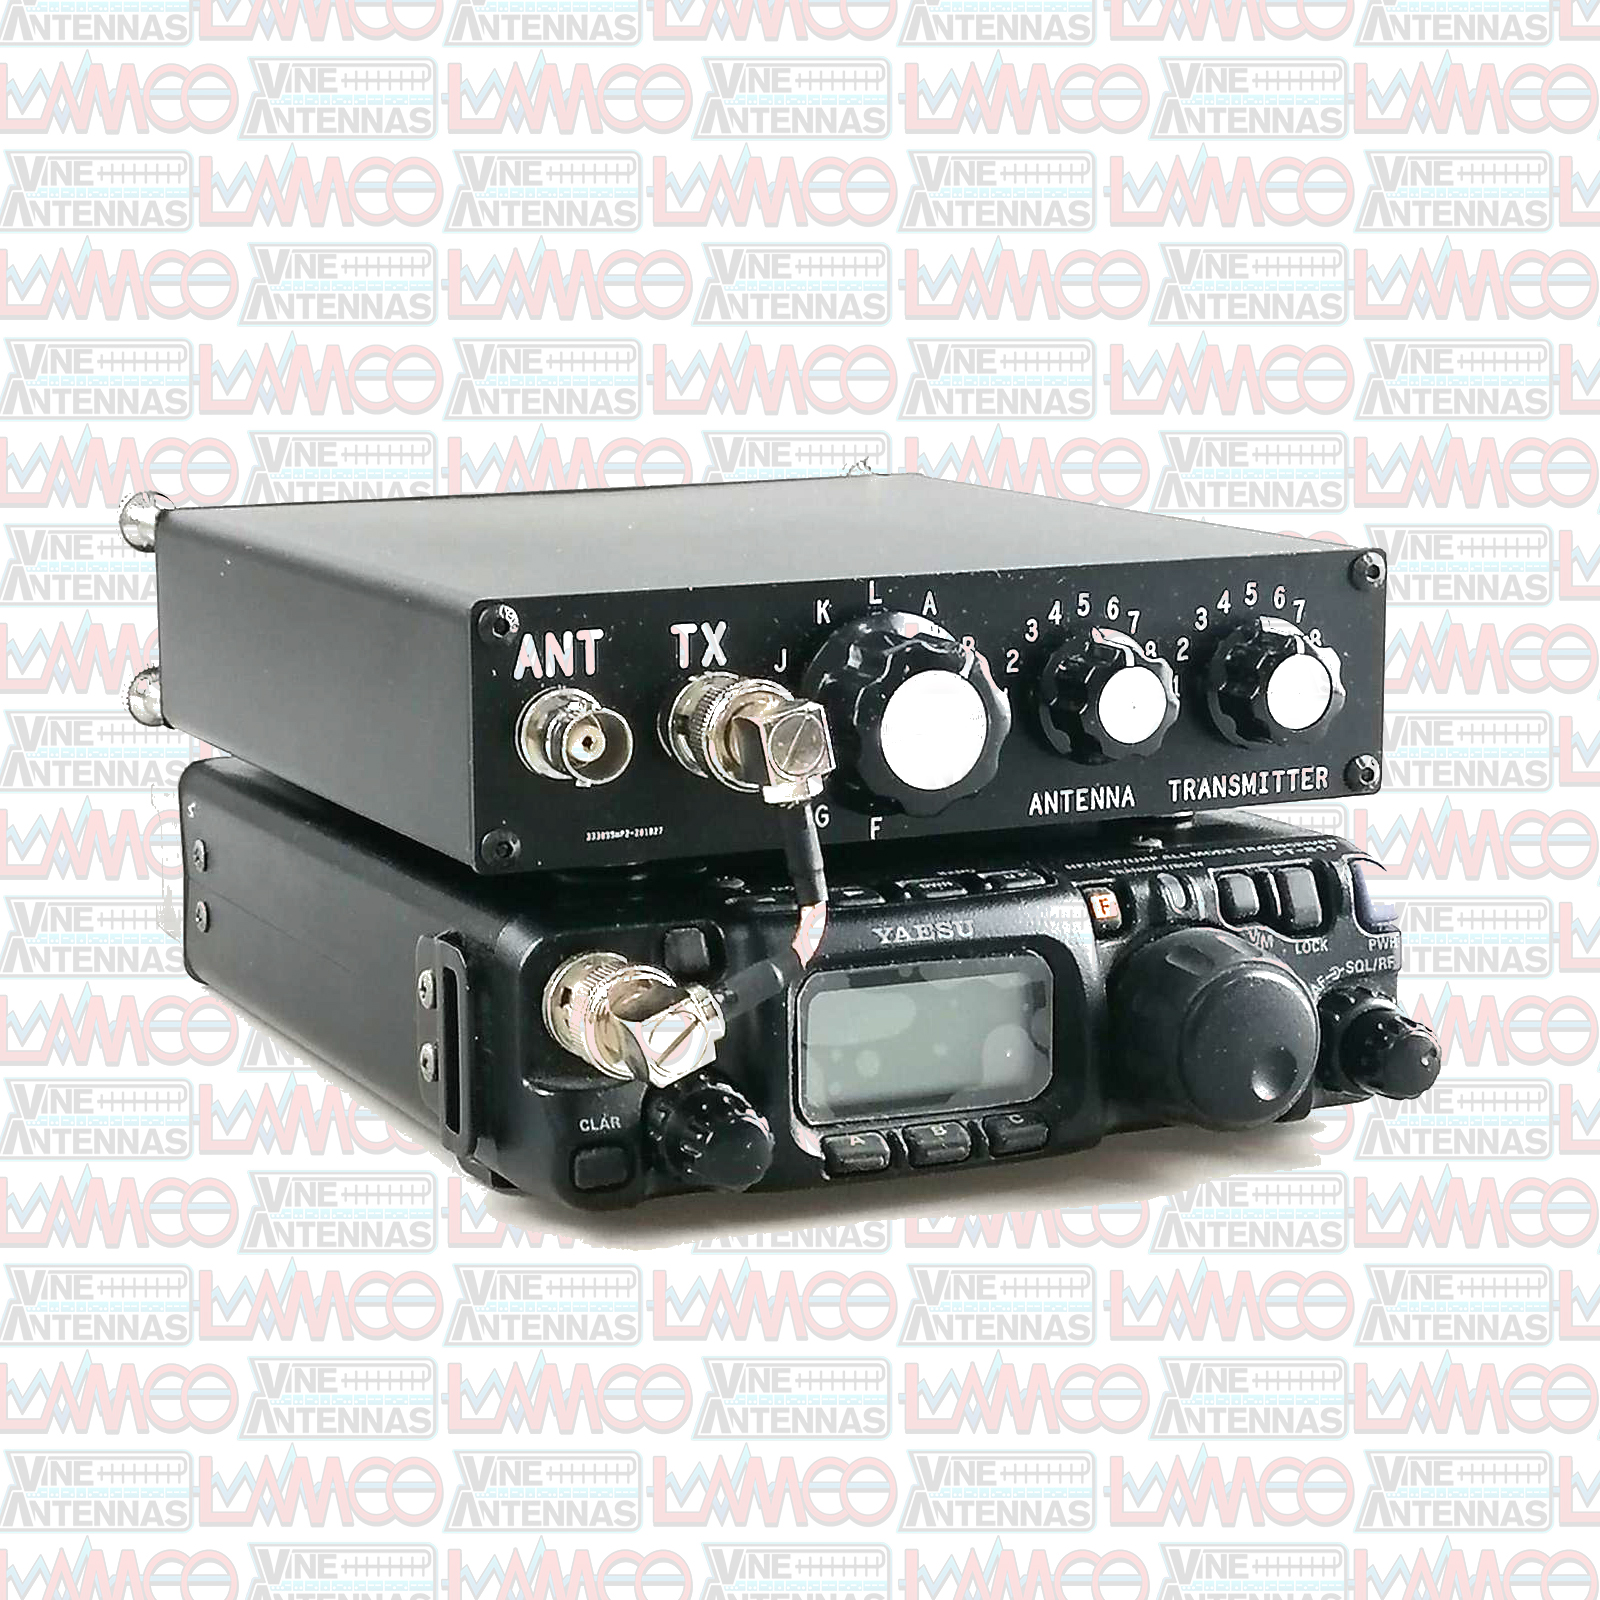 Vine Antennas RST-818 | Portable Go Pack | LAMCO Barnsley